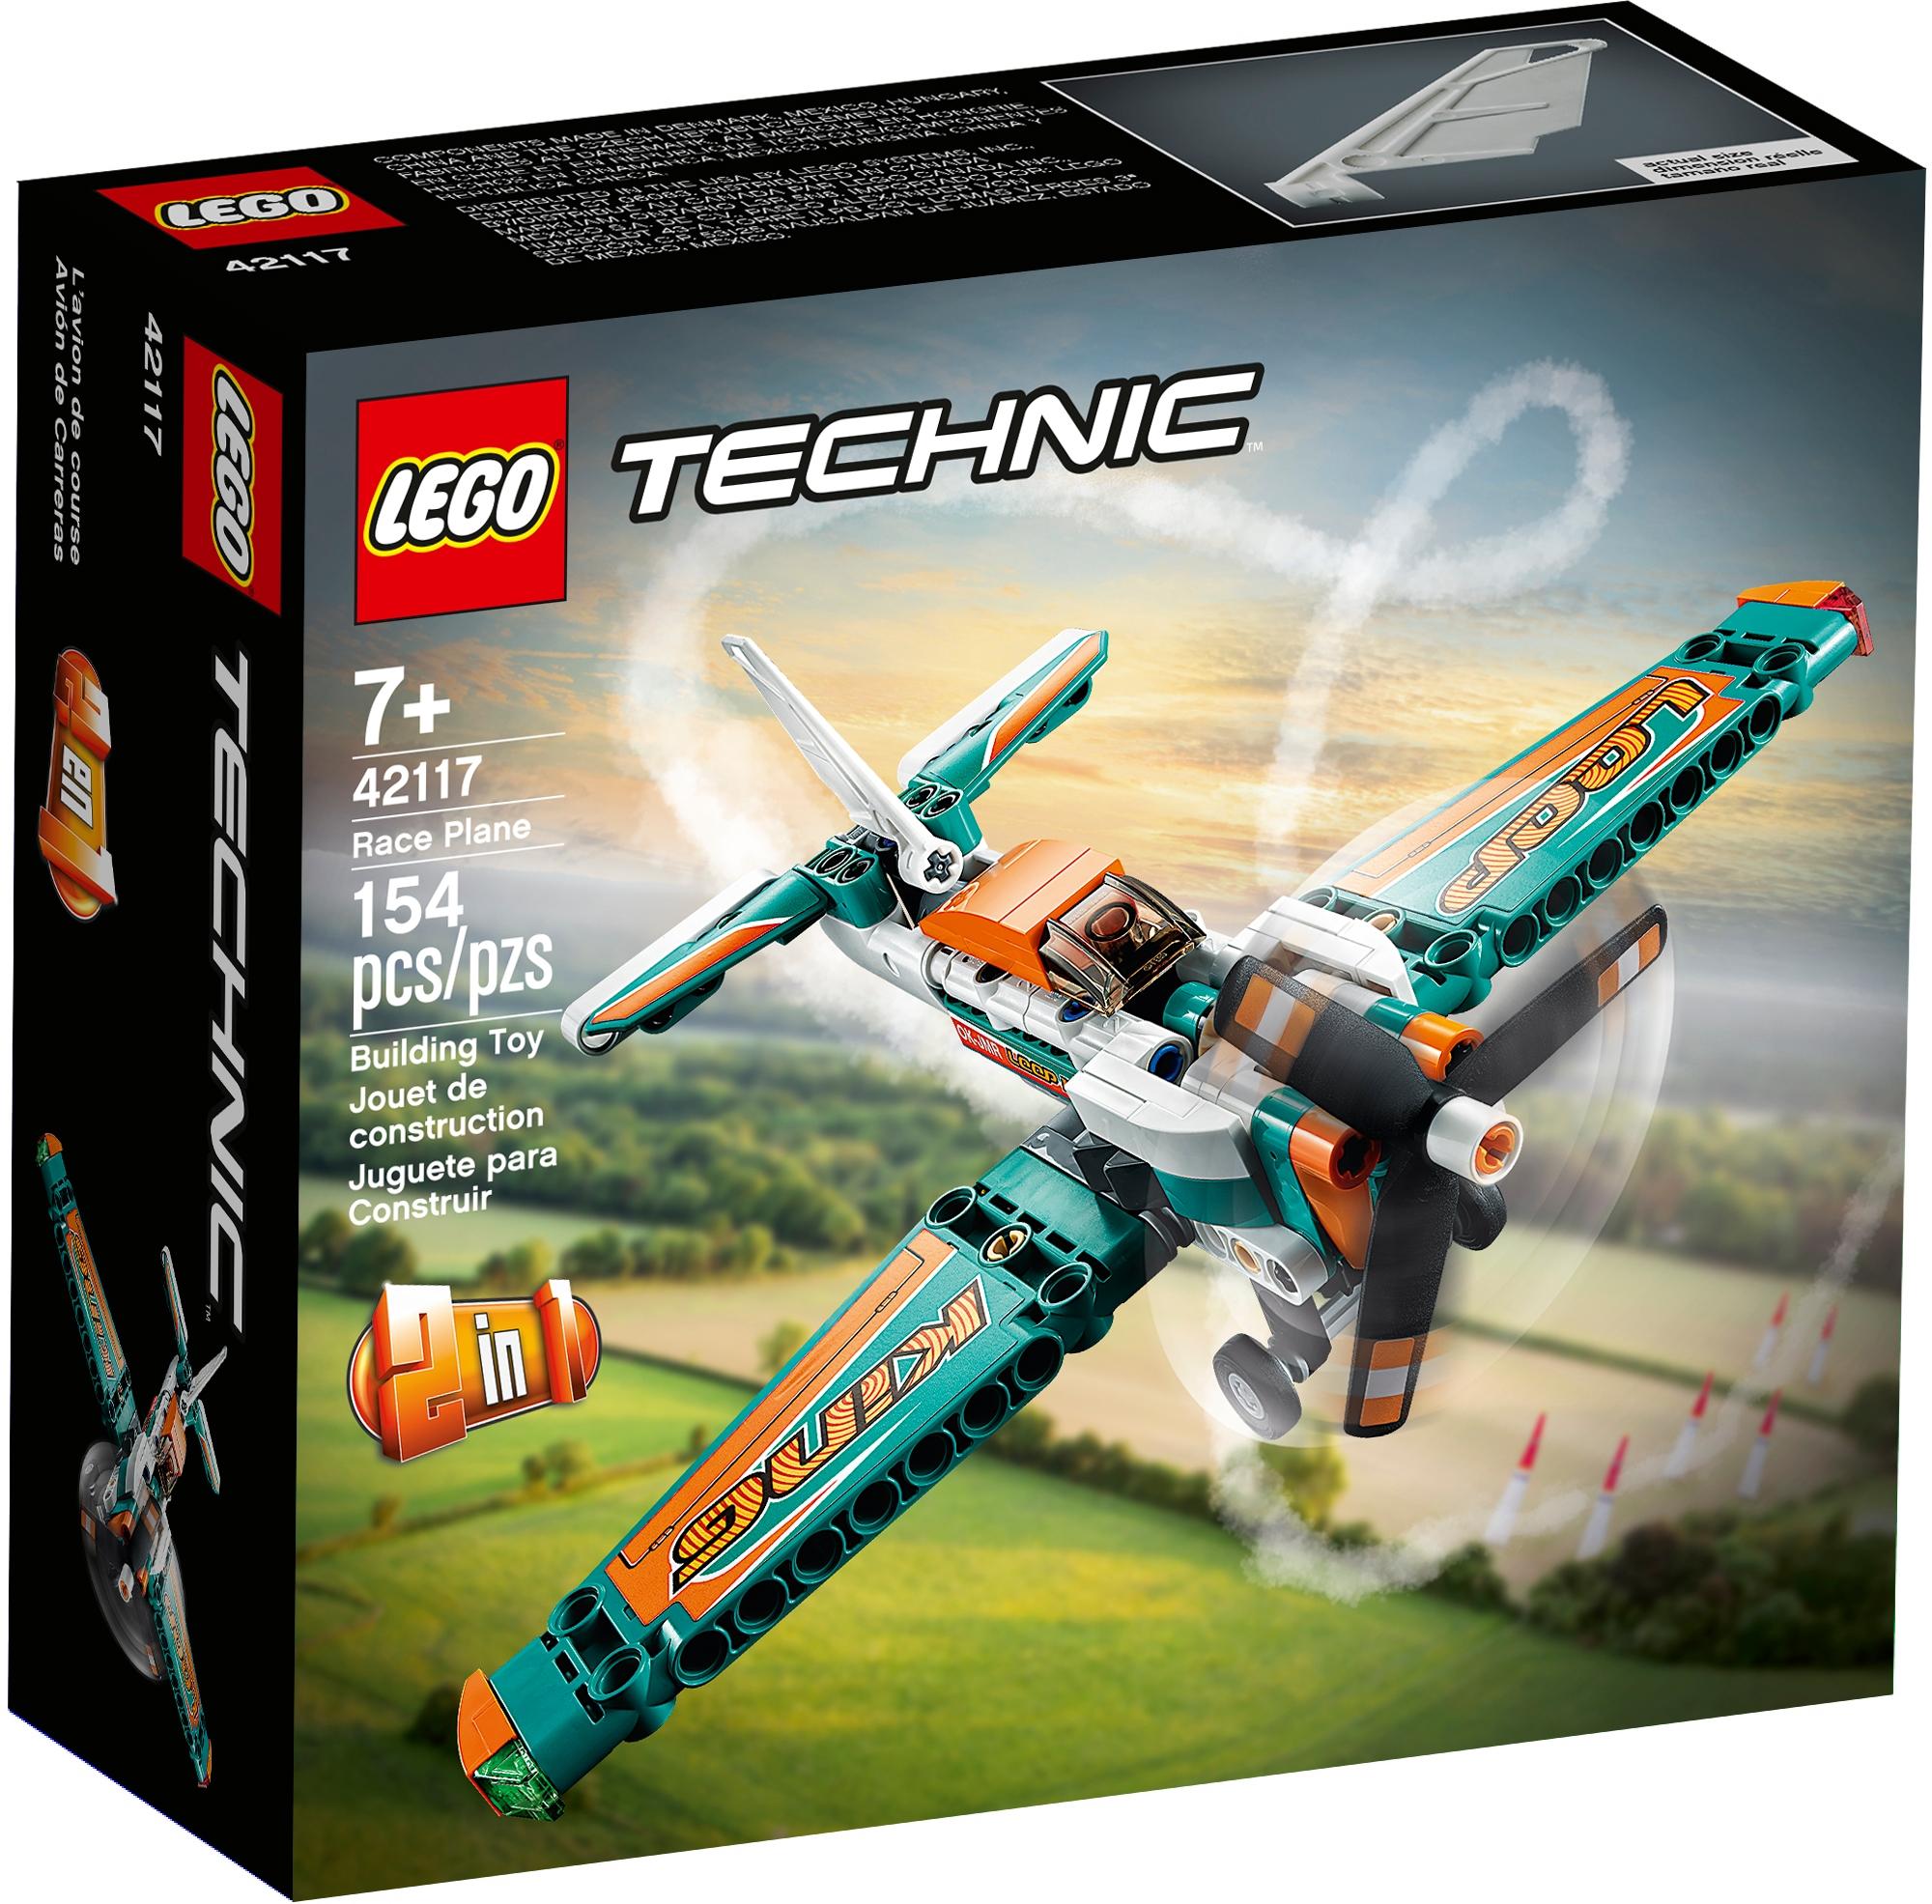 LEGO Technic 42117 Racerplan